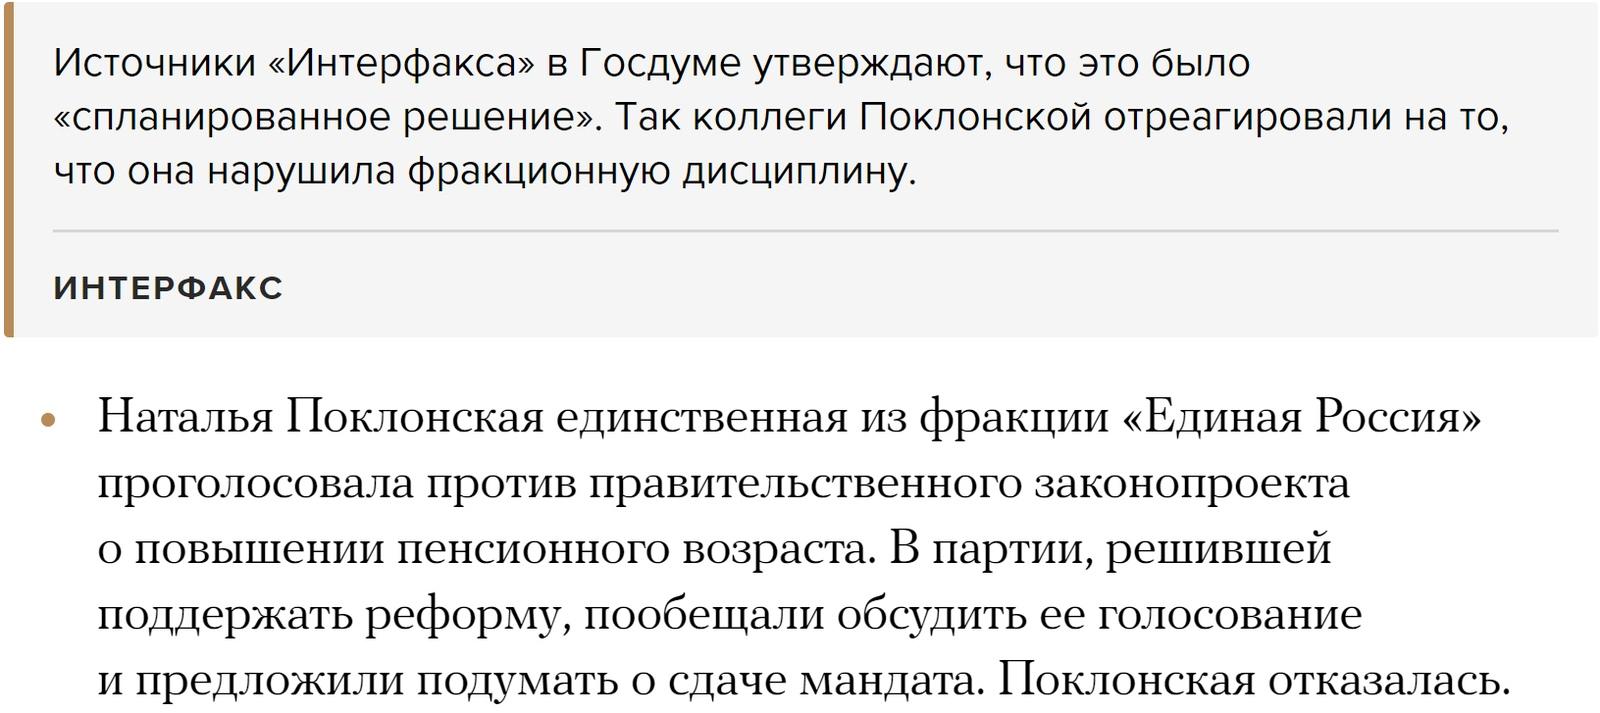 Единороссы сорвали заседание комиссии под руководством Поклонской из-за ее голосования по пенсионной реформе